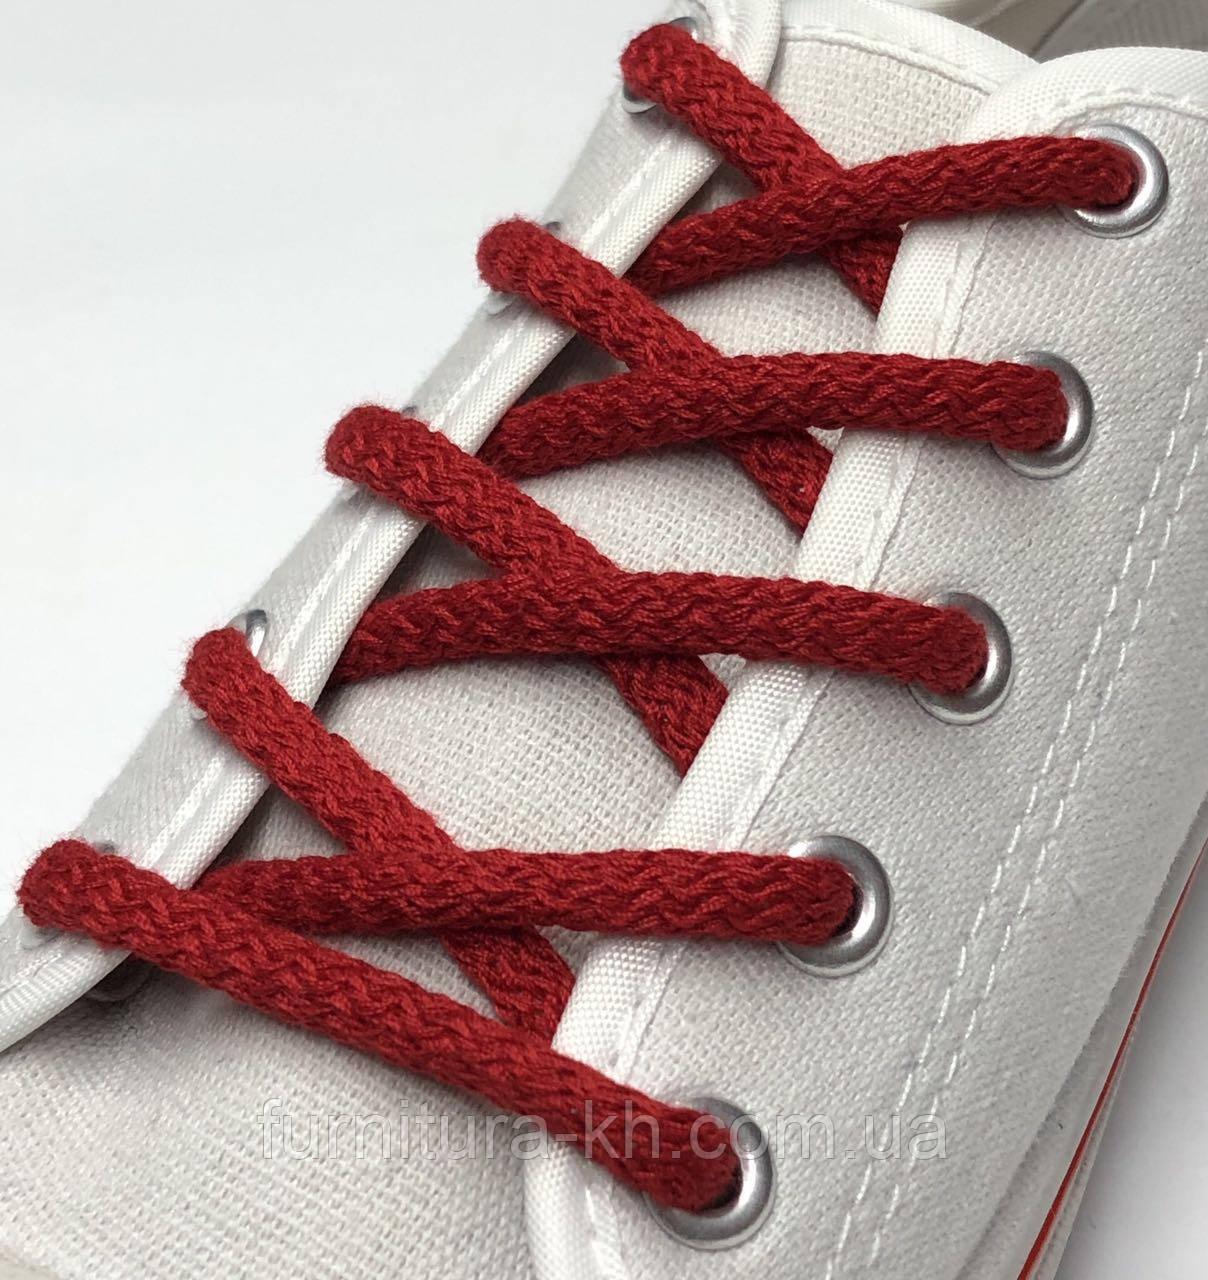 Шнурок Простой Круглый.Длинна 1 метр цвет Красный (толщина 5 мм)